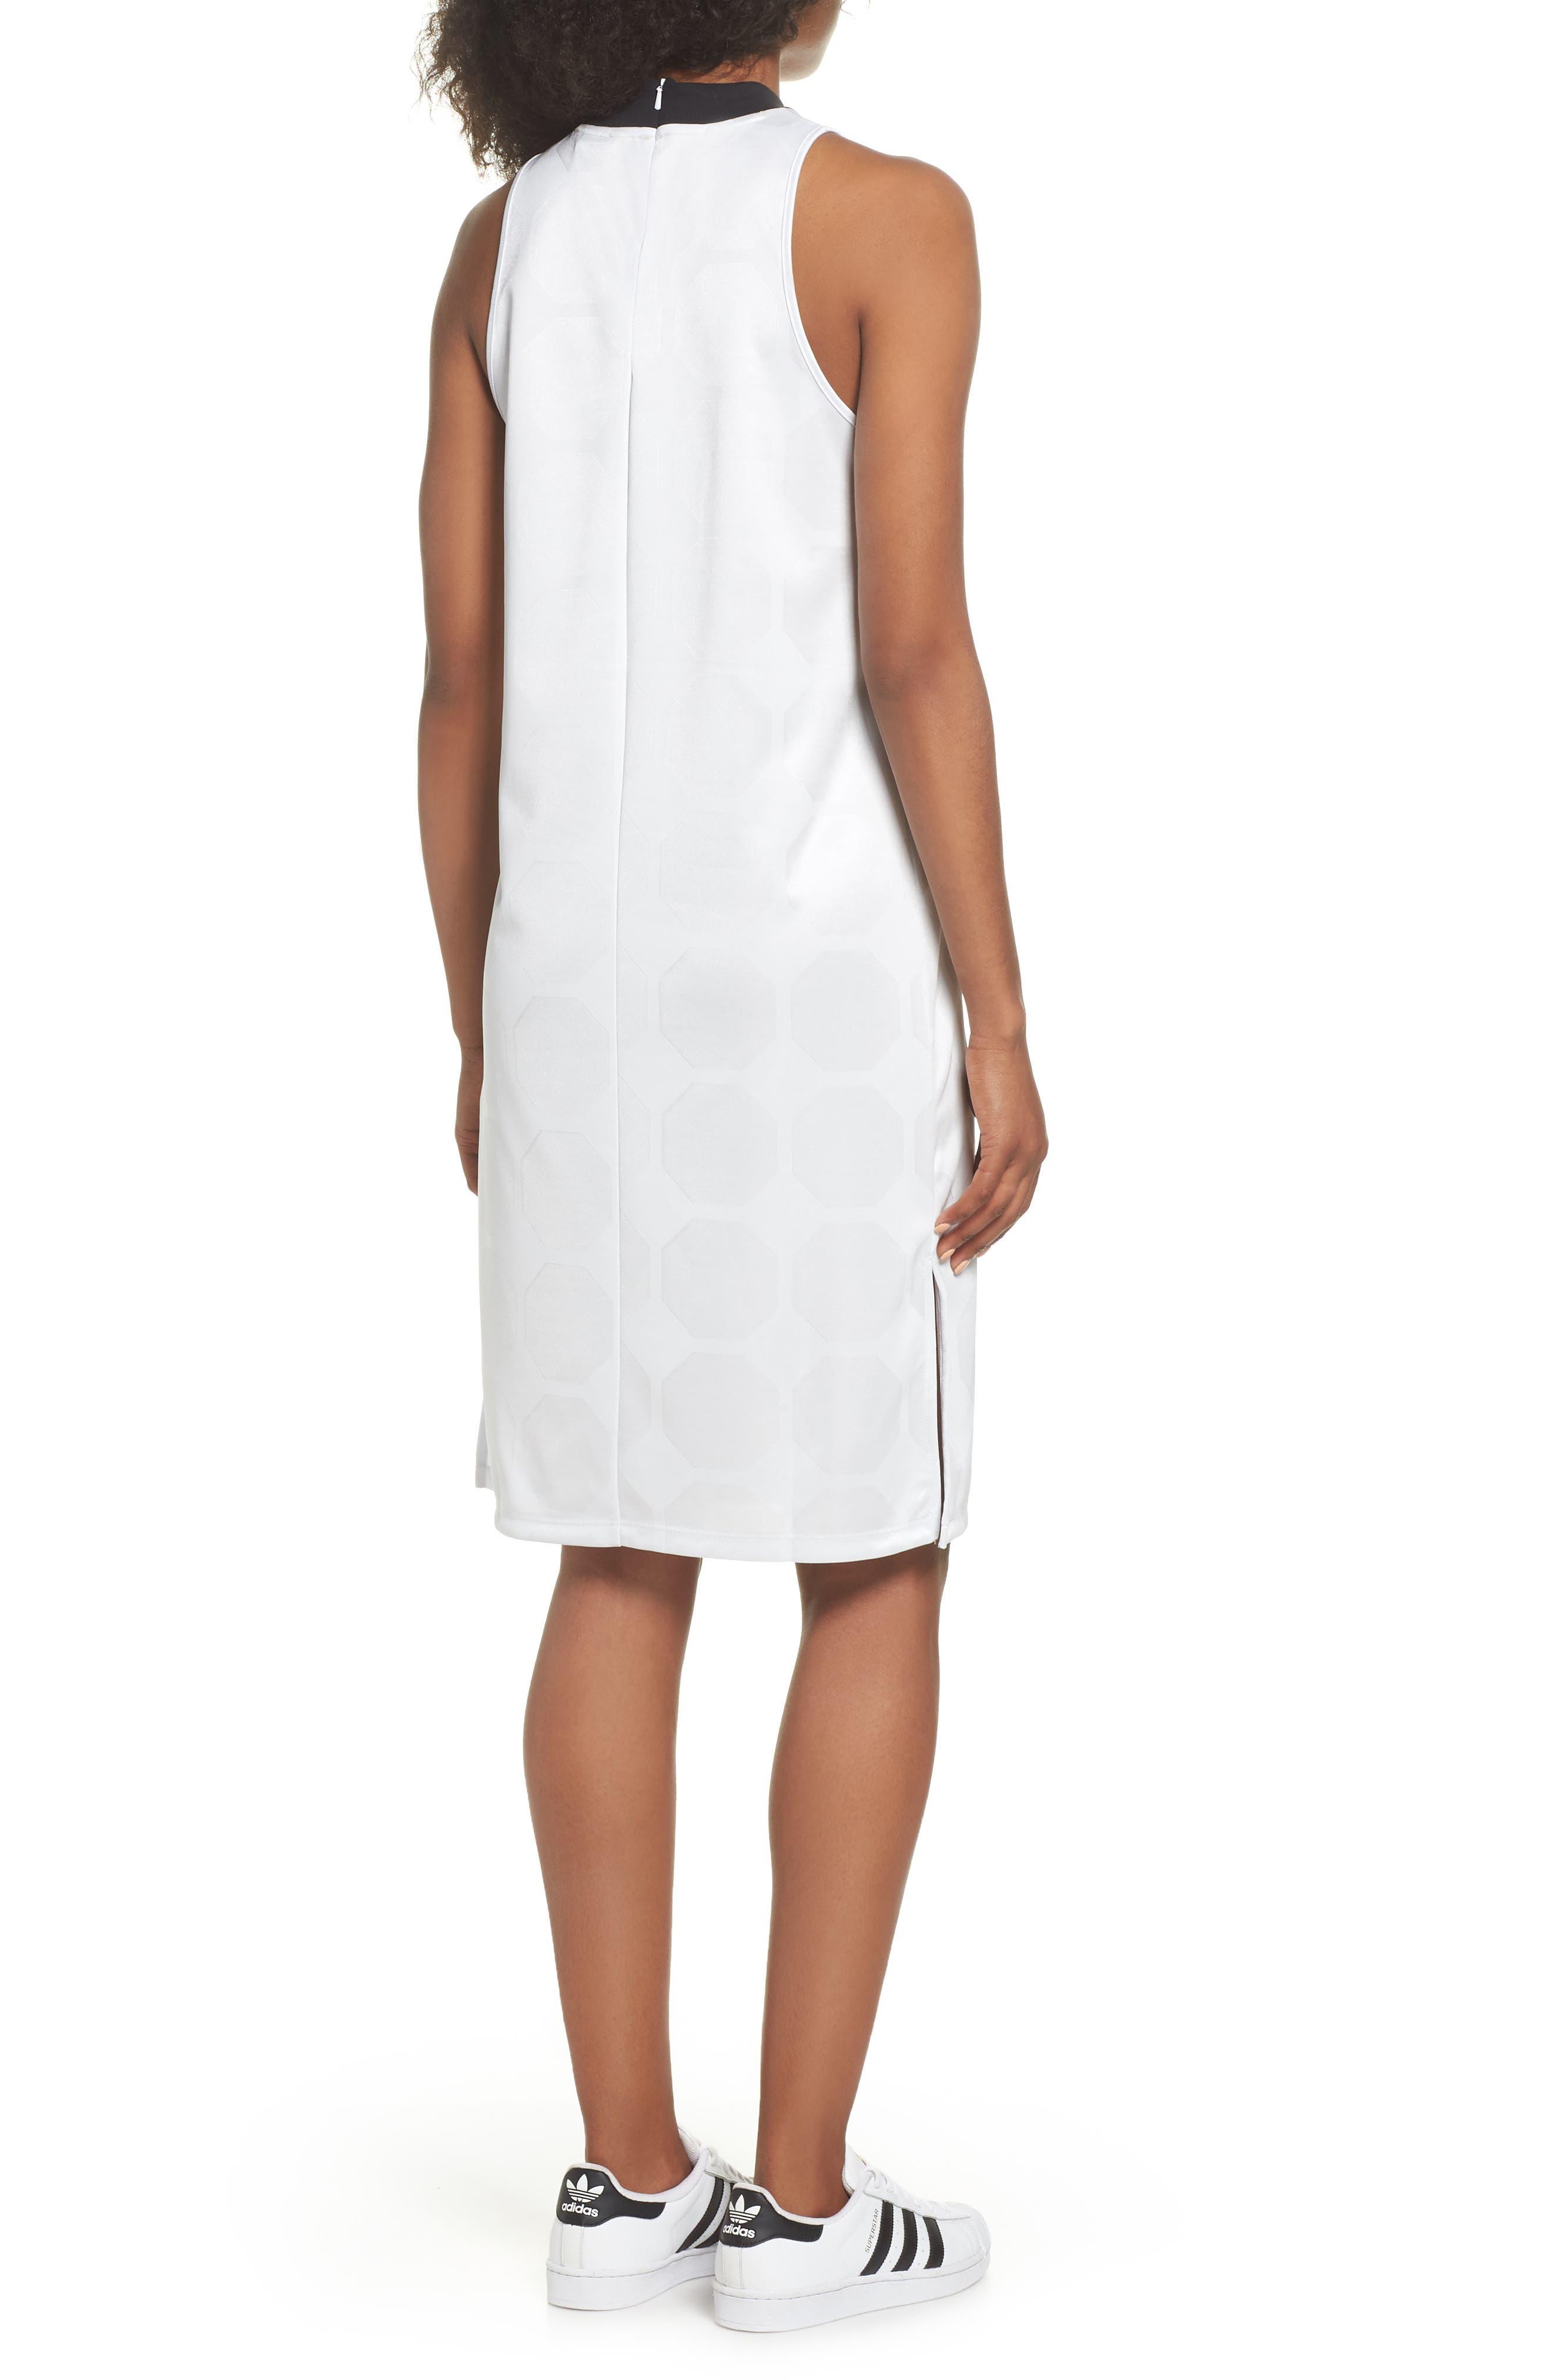 Fashion League Trefoil Jacquard Tank Dress,                             Alternate thumbnail 2, color,                             100